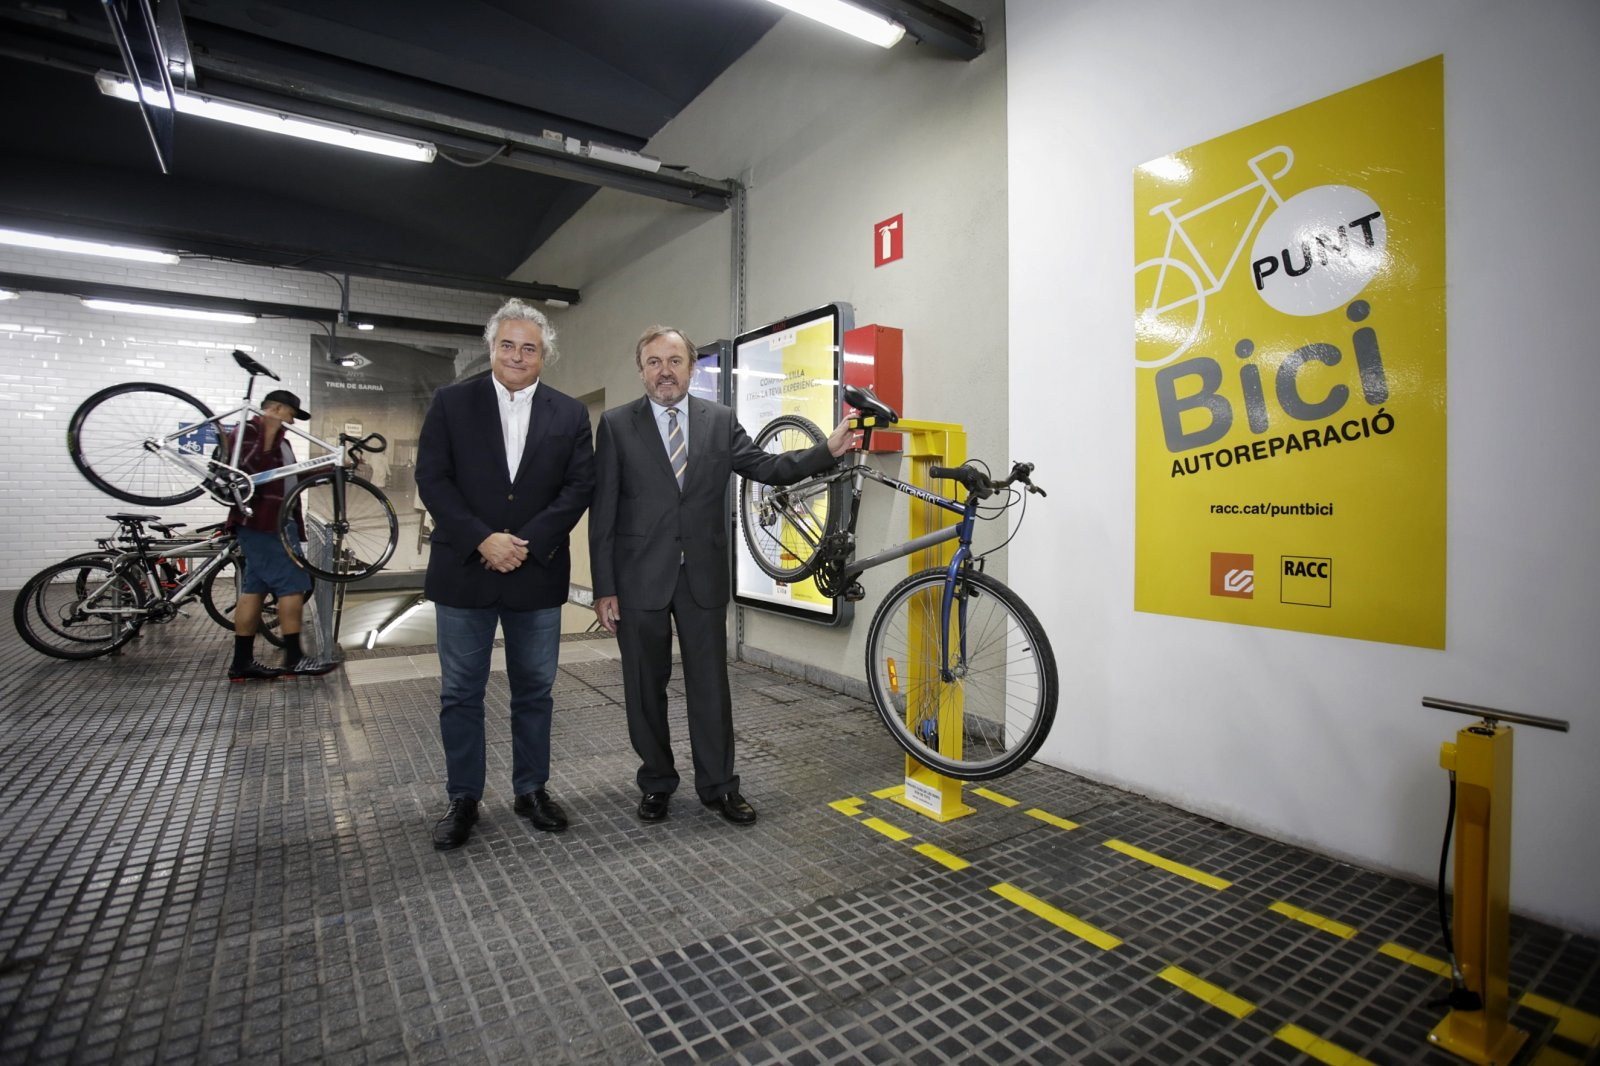 El punt de bici de l'estació de Plaça Catalunya de Ferrocarrisl de la Generalitat